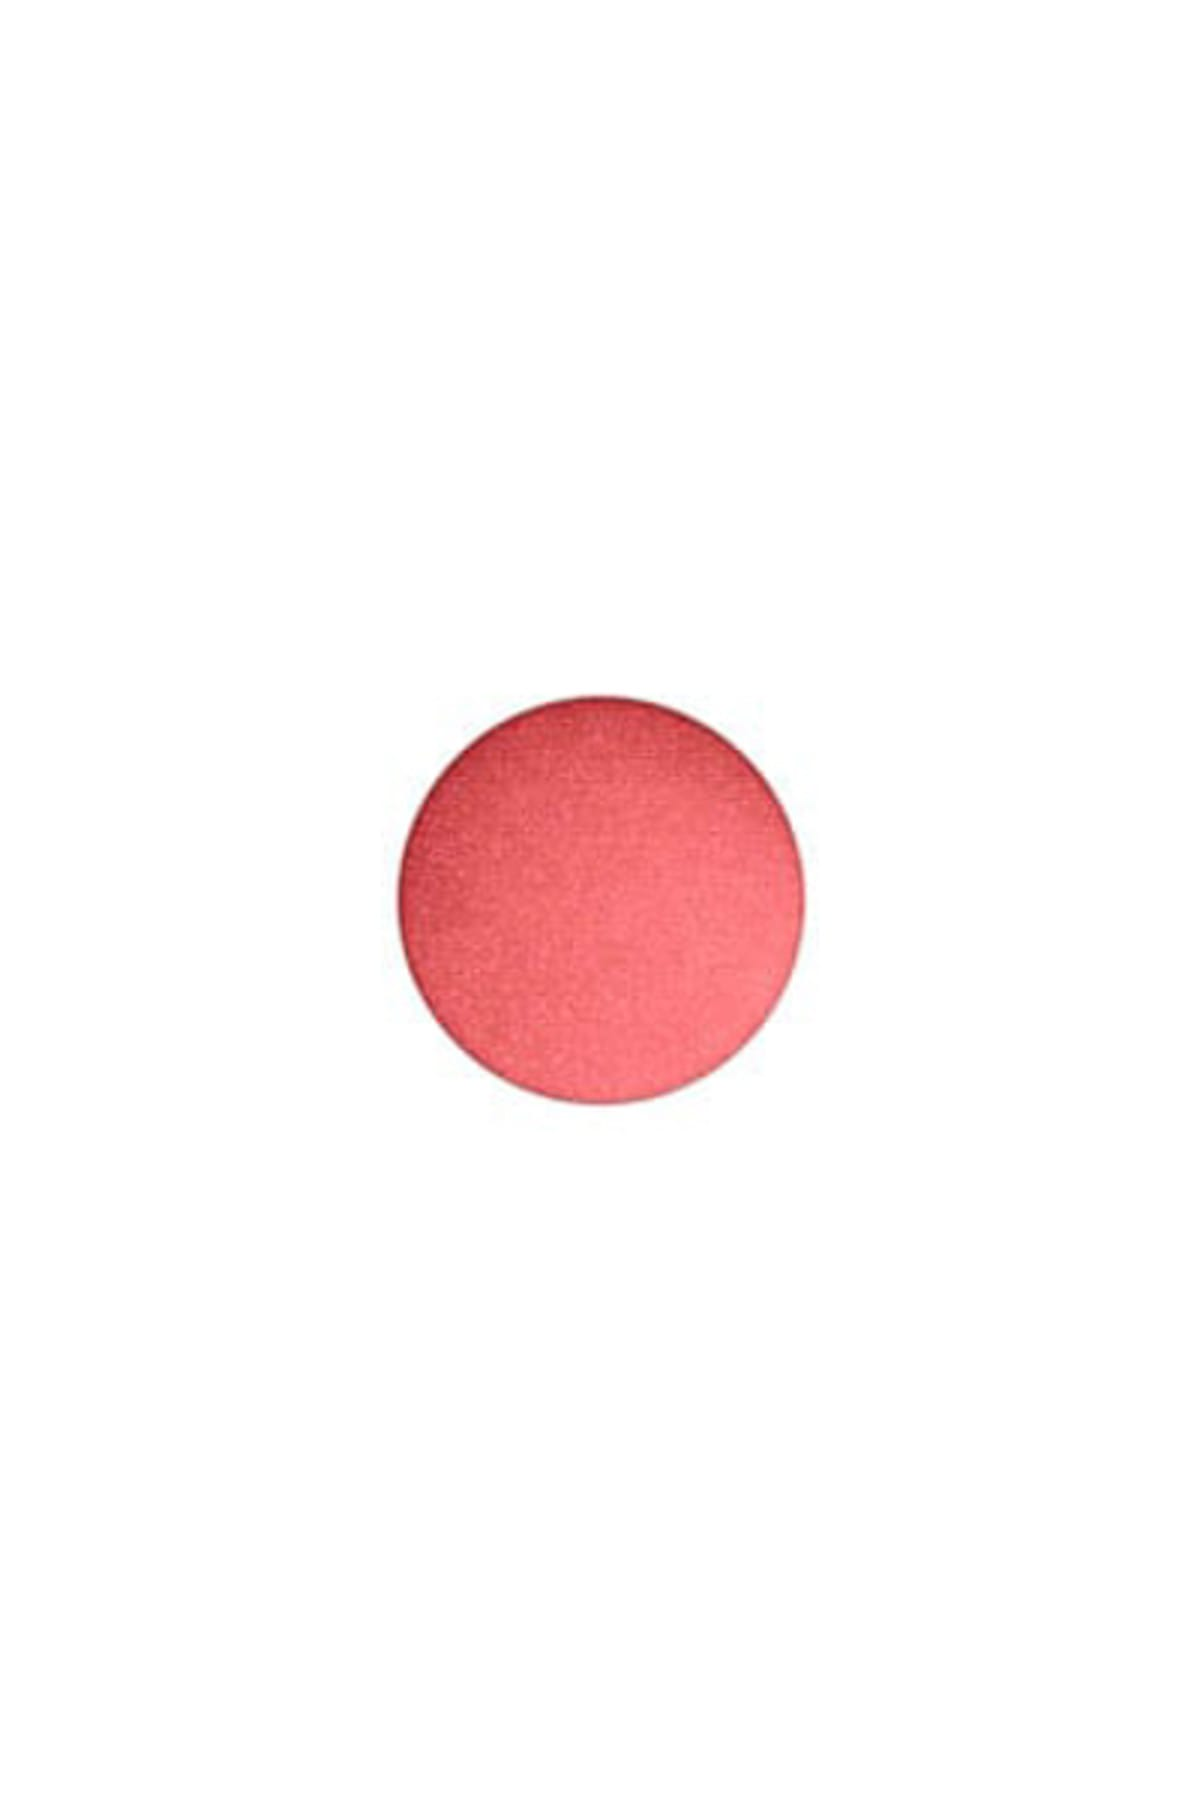 M.A.C Göz Farı - Refill Far Ruddy 1.3 g 773602462636 1